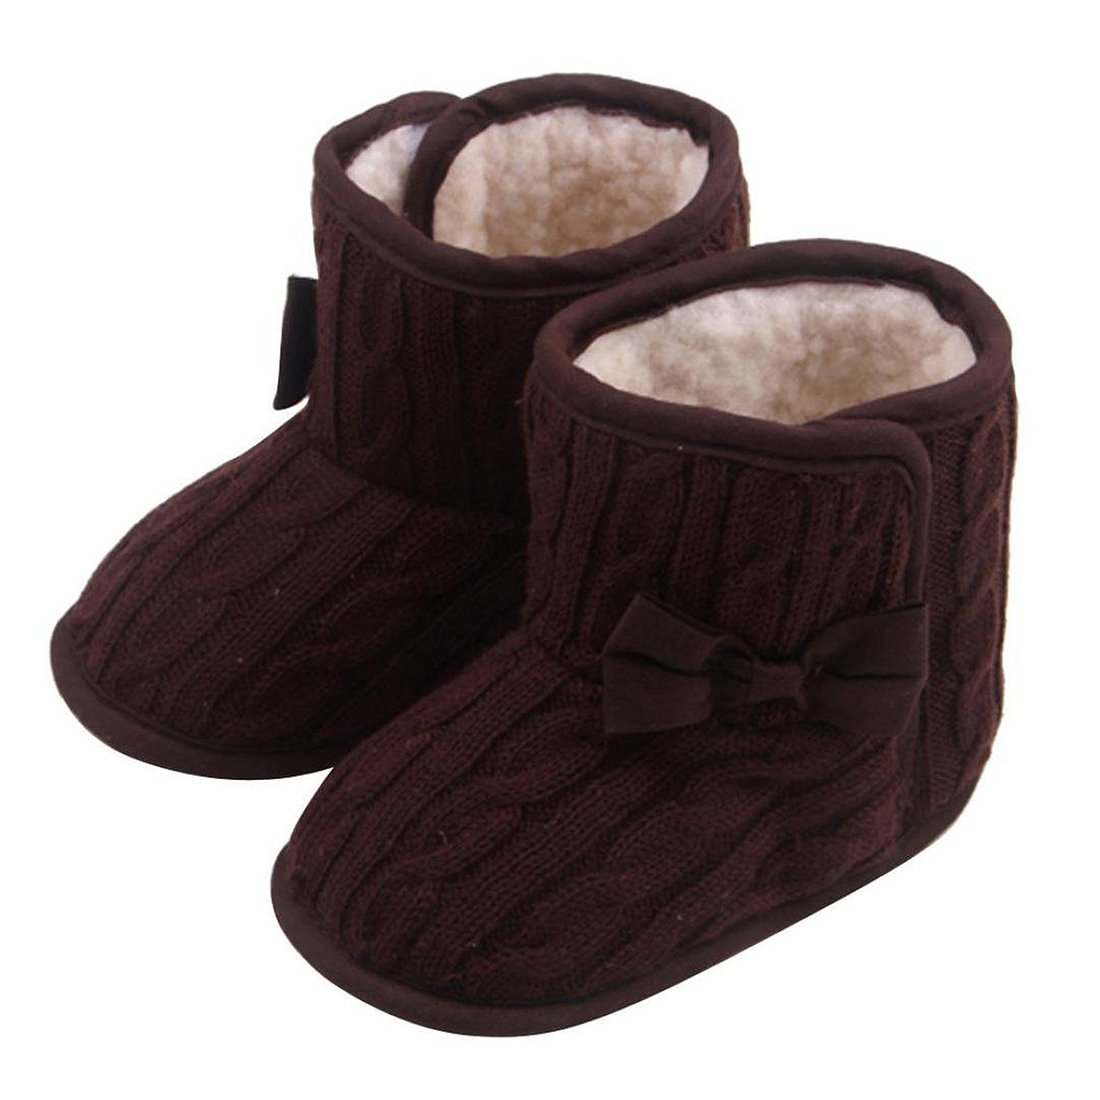 SODIAL Chaussures Pour Bebe decorees de Noeud de Papillon des Semelles Souples Chaussures D\'Hiver Chaud Bottes de Chaussures (Cafe, 11cm)